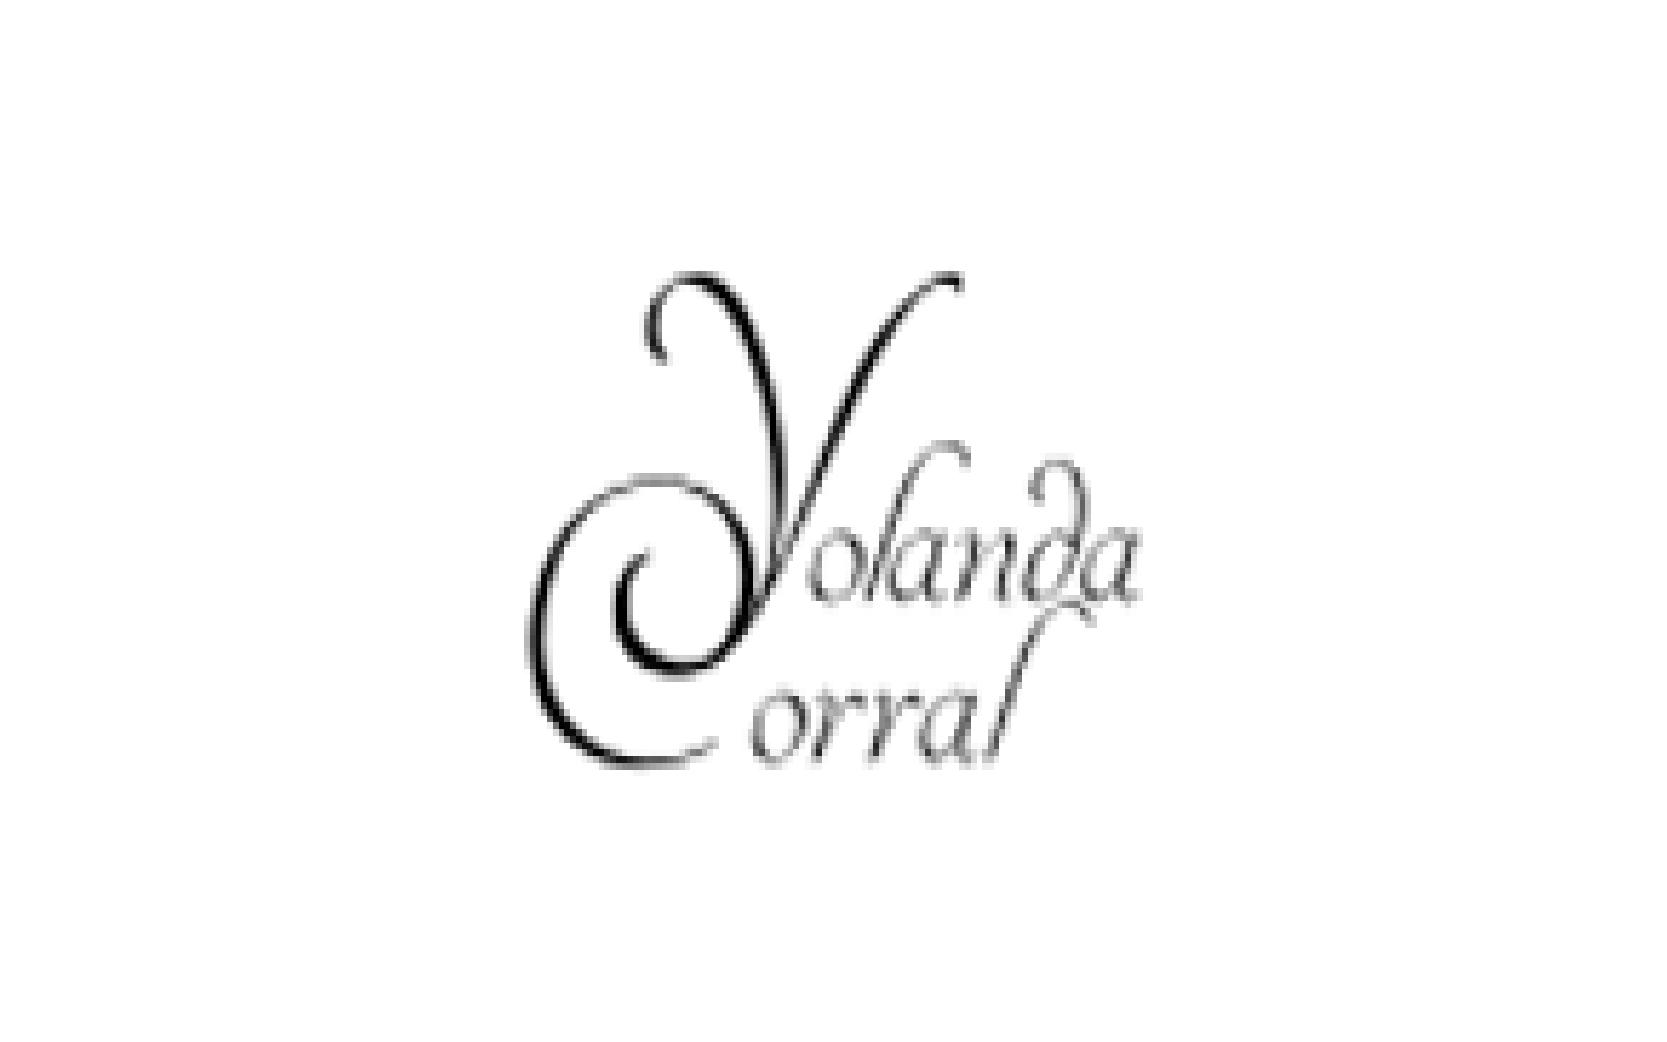 logo-yolandacorral